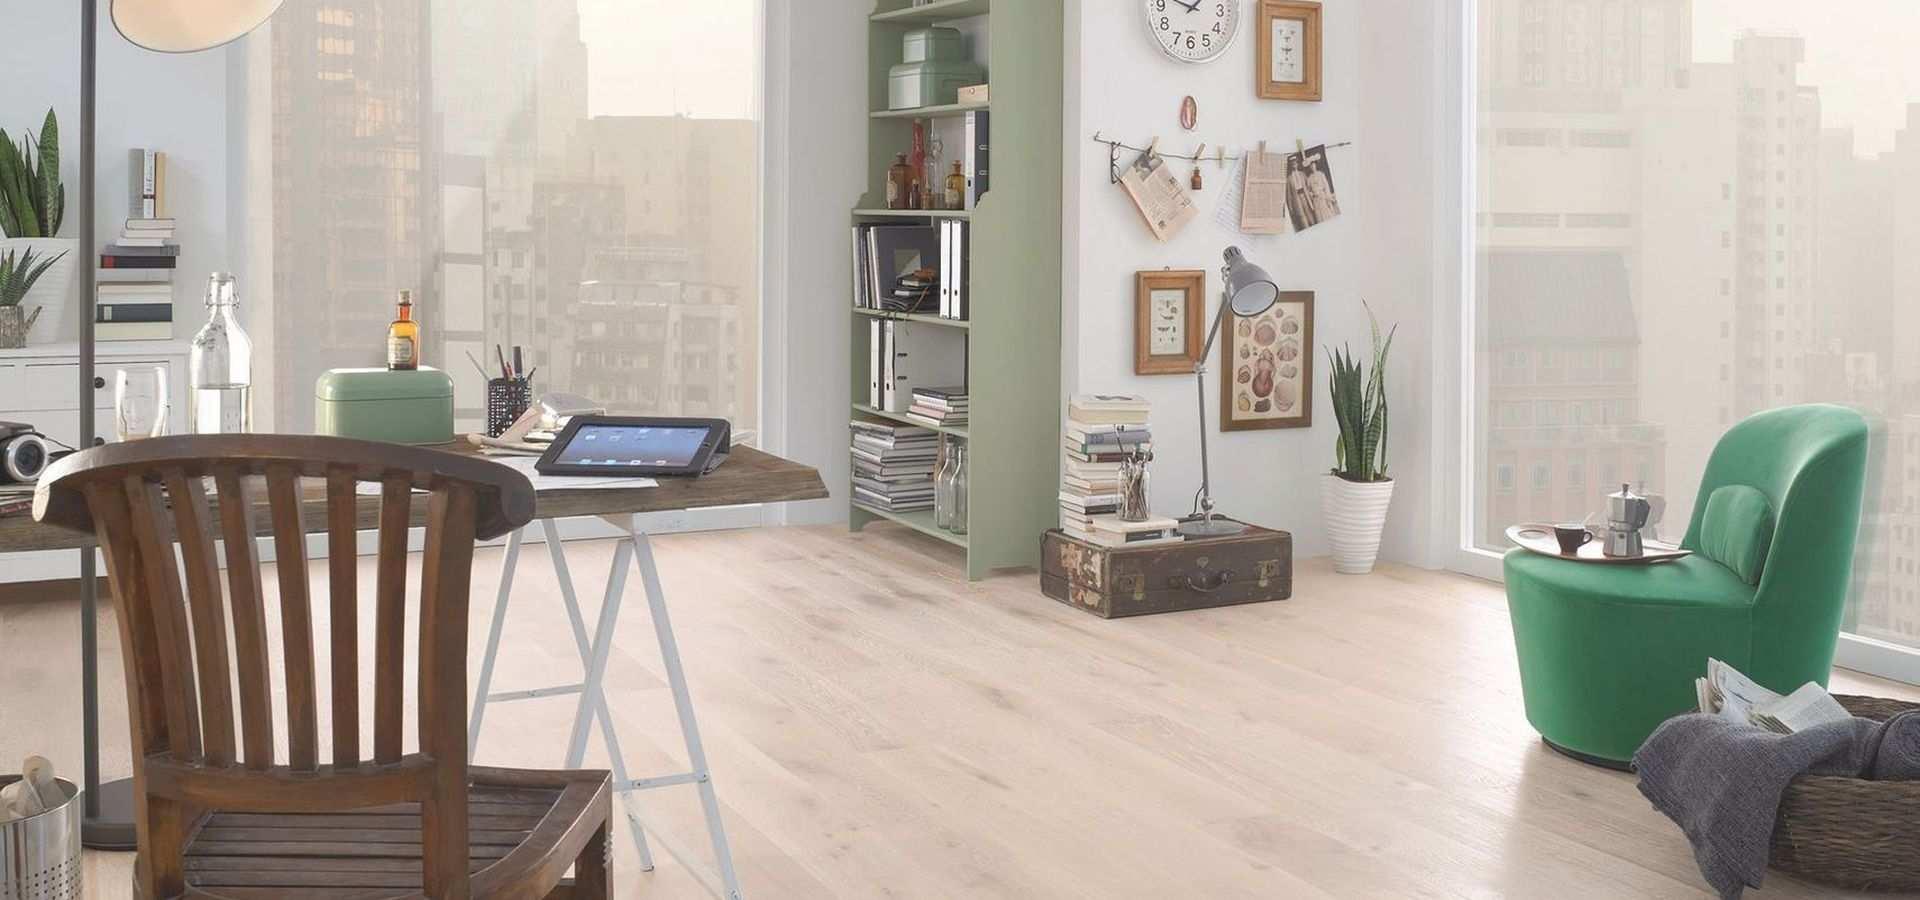 Bild: Arbeitszimmer heller Holzboden